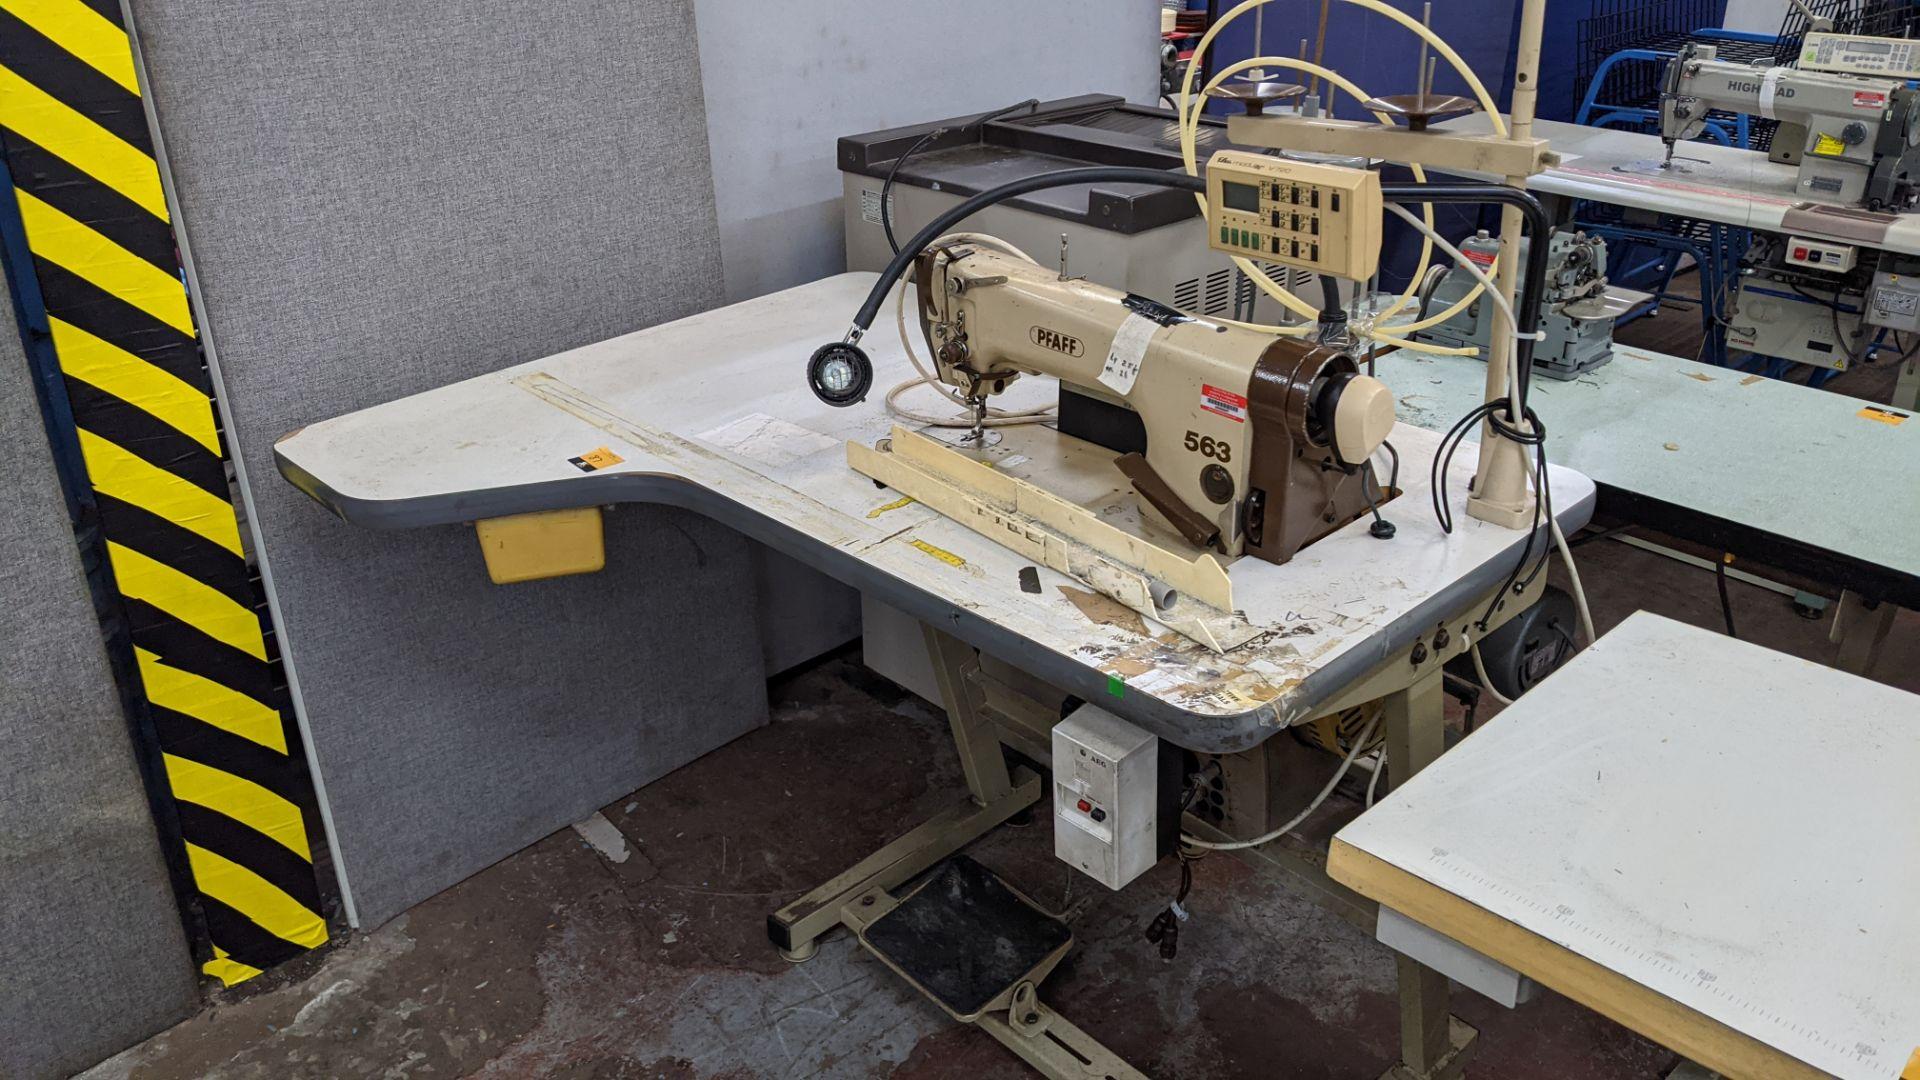 Pfaff model 563 sewing machine with Efka modular V720 digital controller